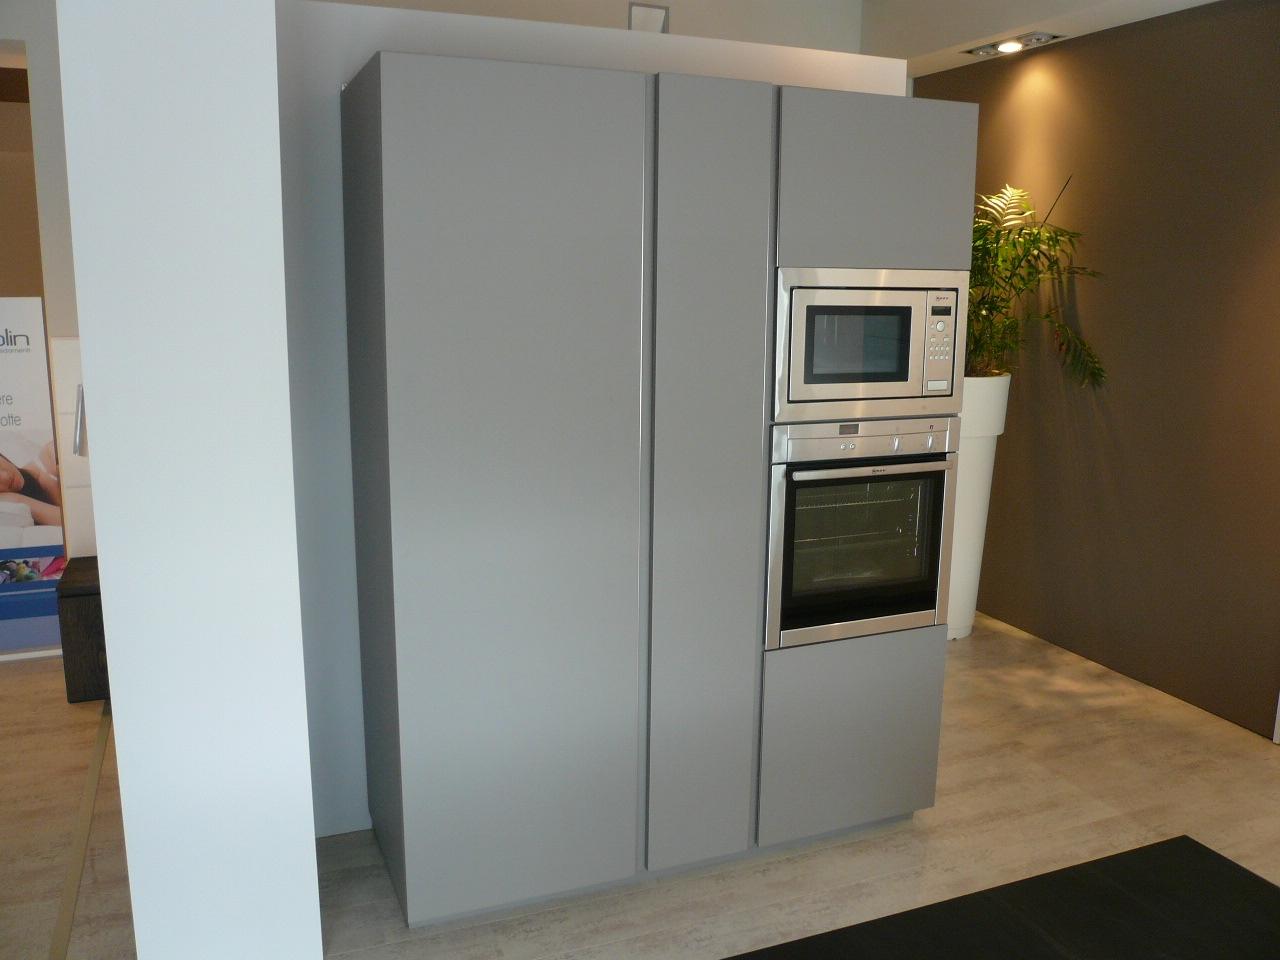 Cucina Modulnova Light Design Laccato Opaco Bianca Cucine A Prezzi  #976C34 1280 960 Veneta Cucine O Modulnova